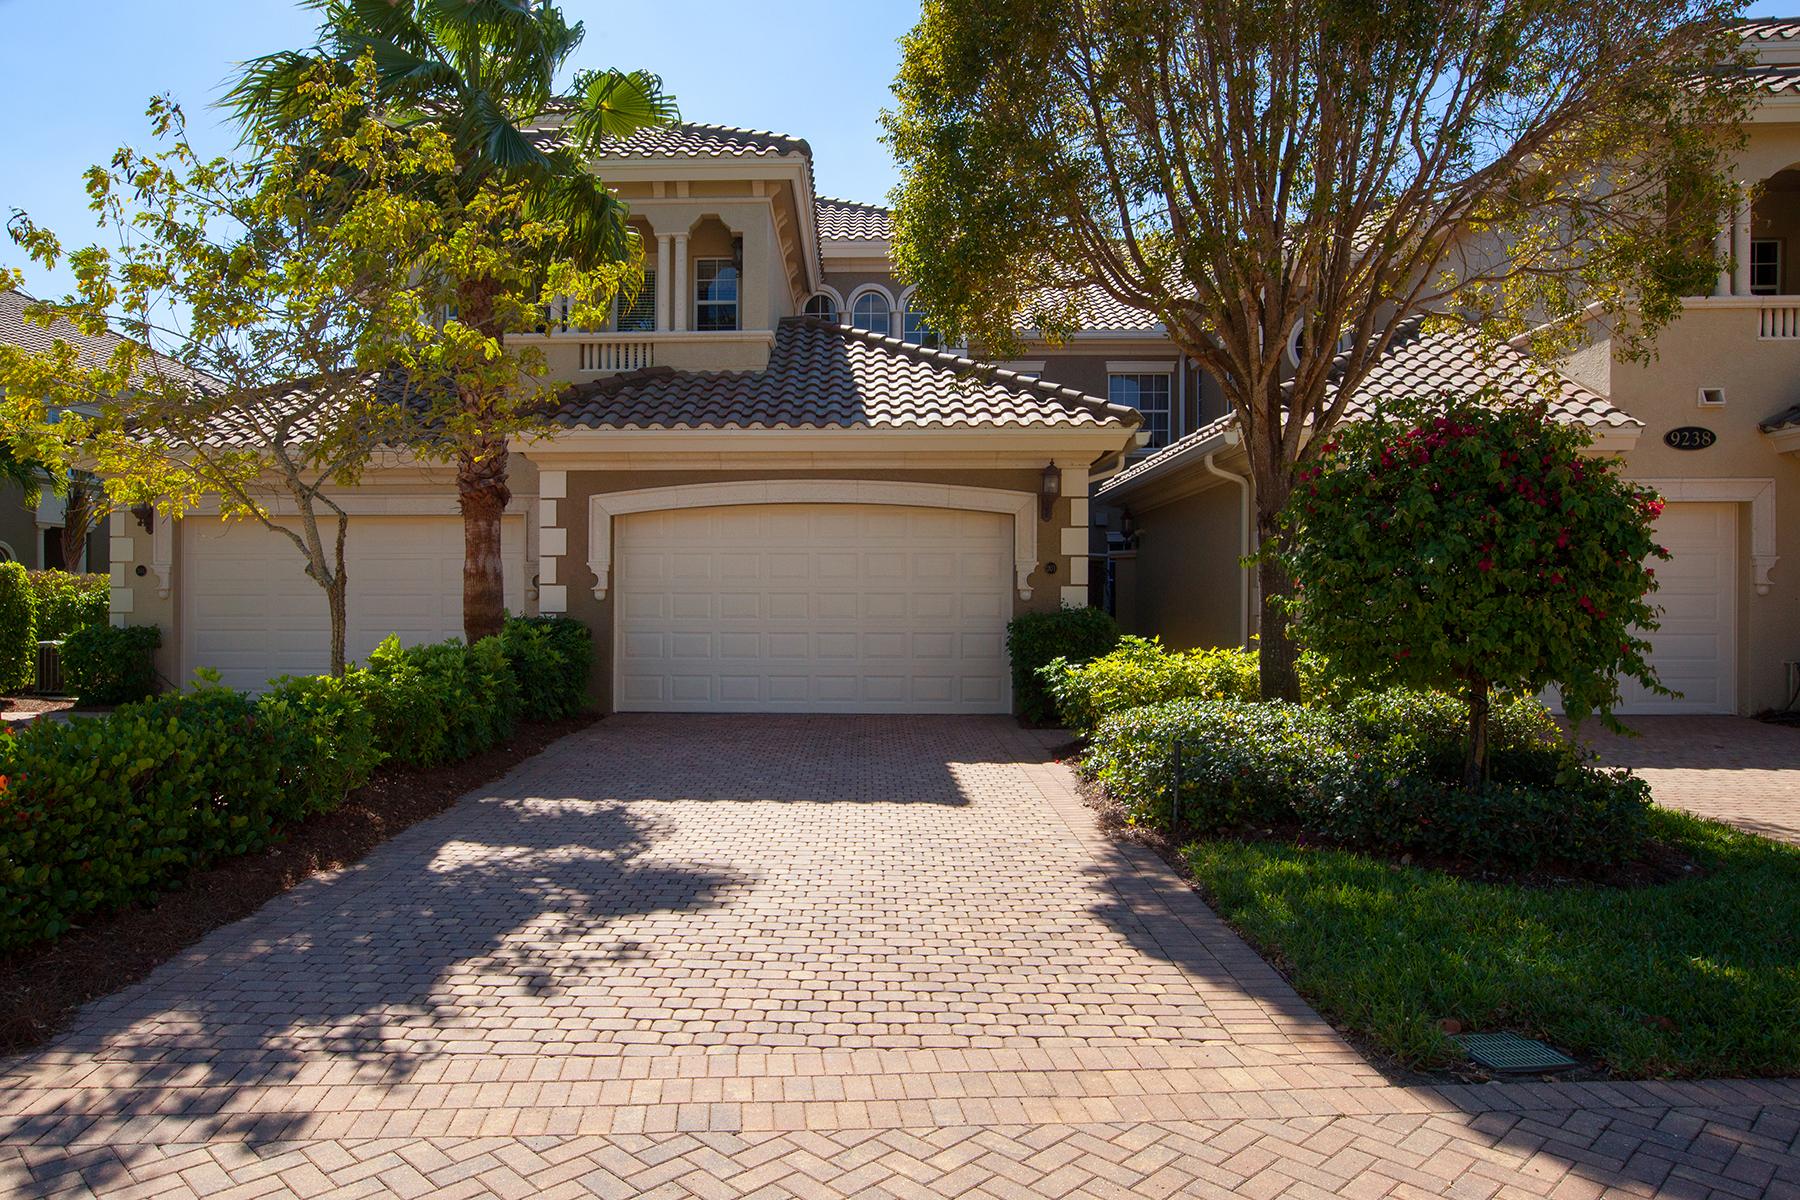 Condomínio para Venda às FIDDLER'S CREEK - VARENNA 9238 Tesoro Ln 201 Naples, Florida 34114 Estados Unidos